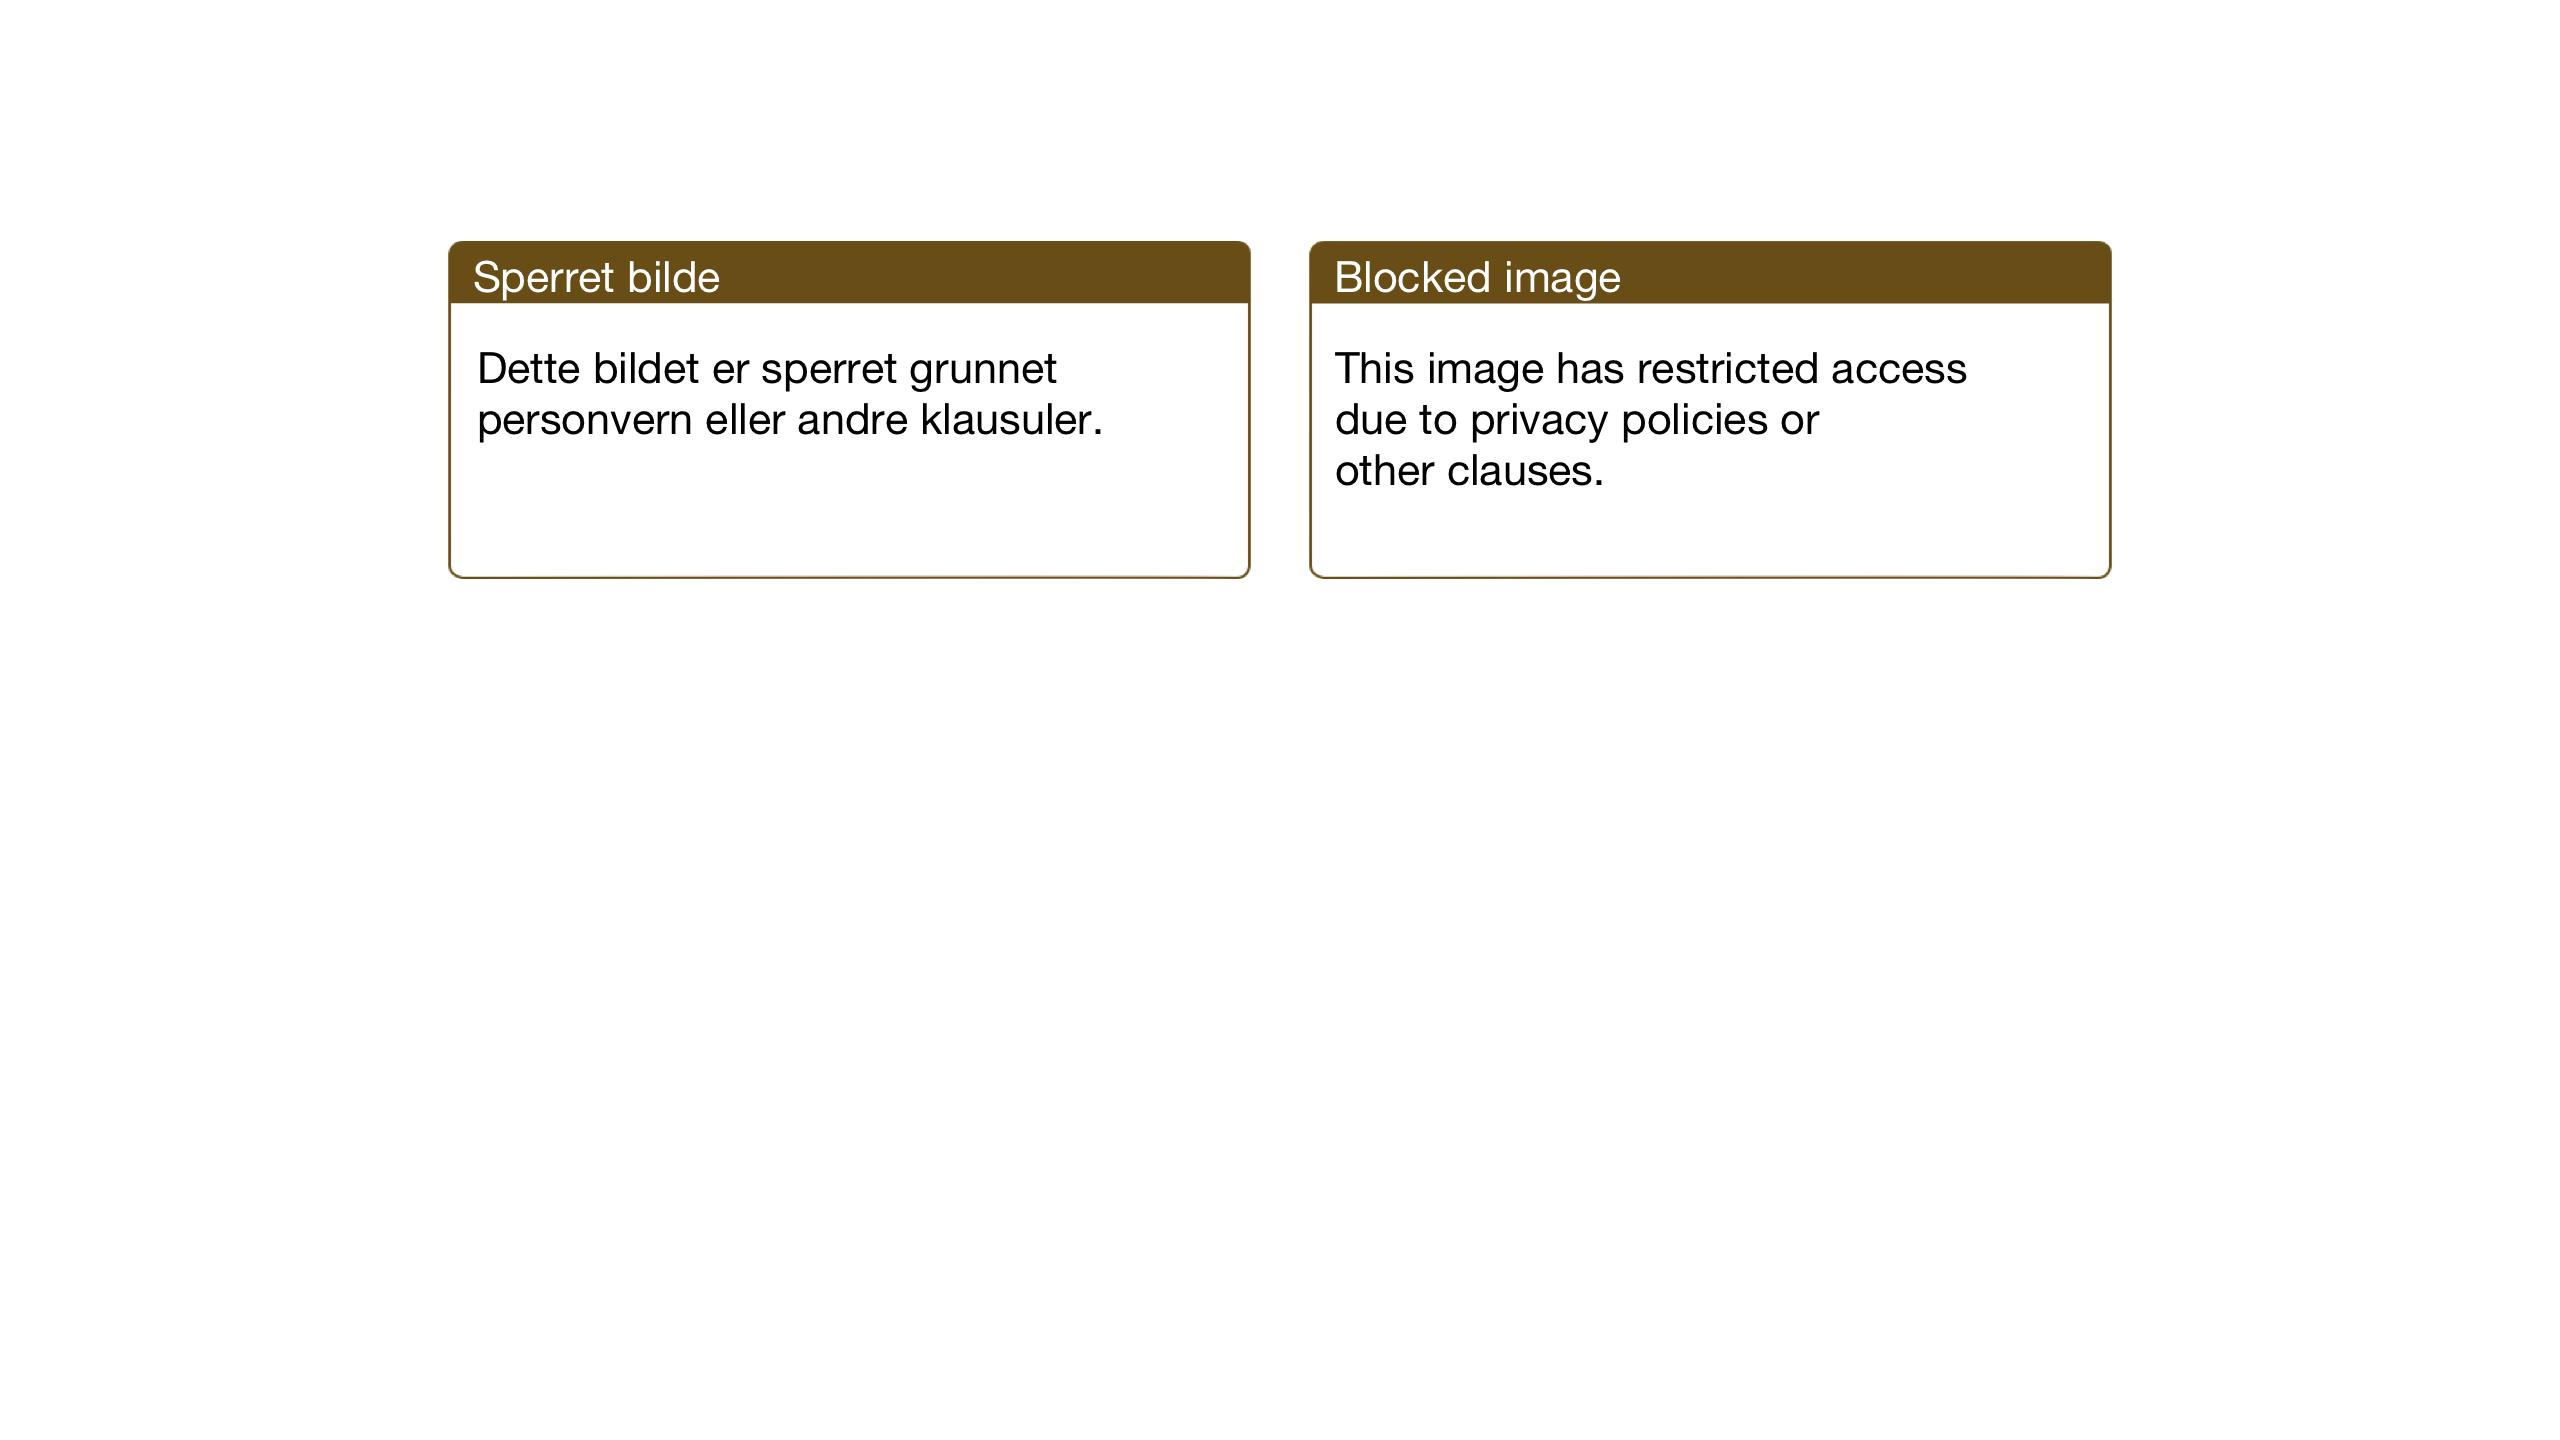 SAT, Ministerialprotokoller, klokkerbøker og fødselsregistre - Nord-Trøndelag, 719/L0180: Klokkerbok nr. 719C01, 1878-1940, s. 46